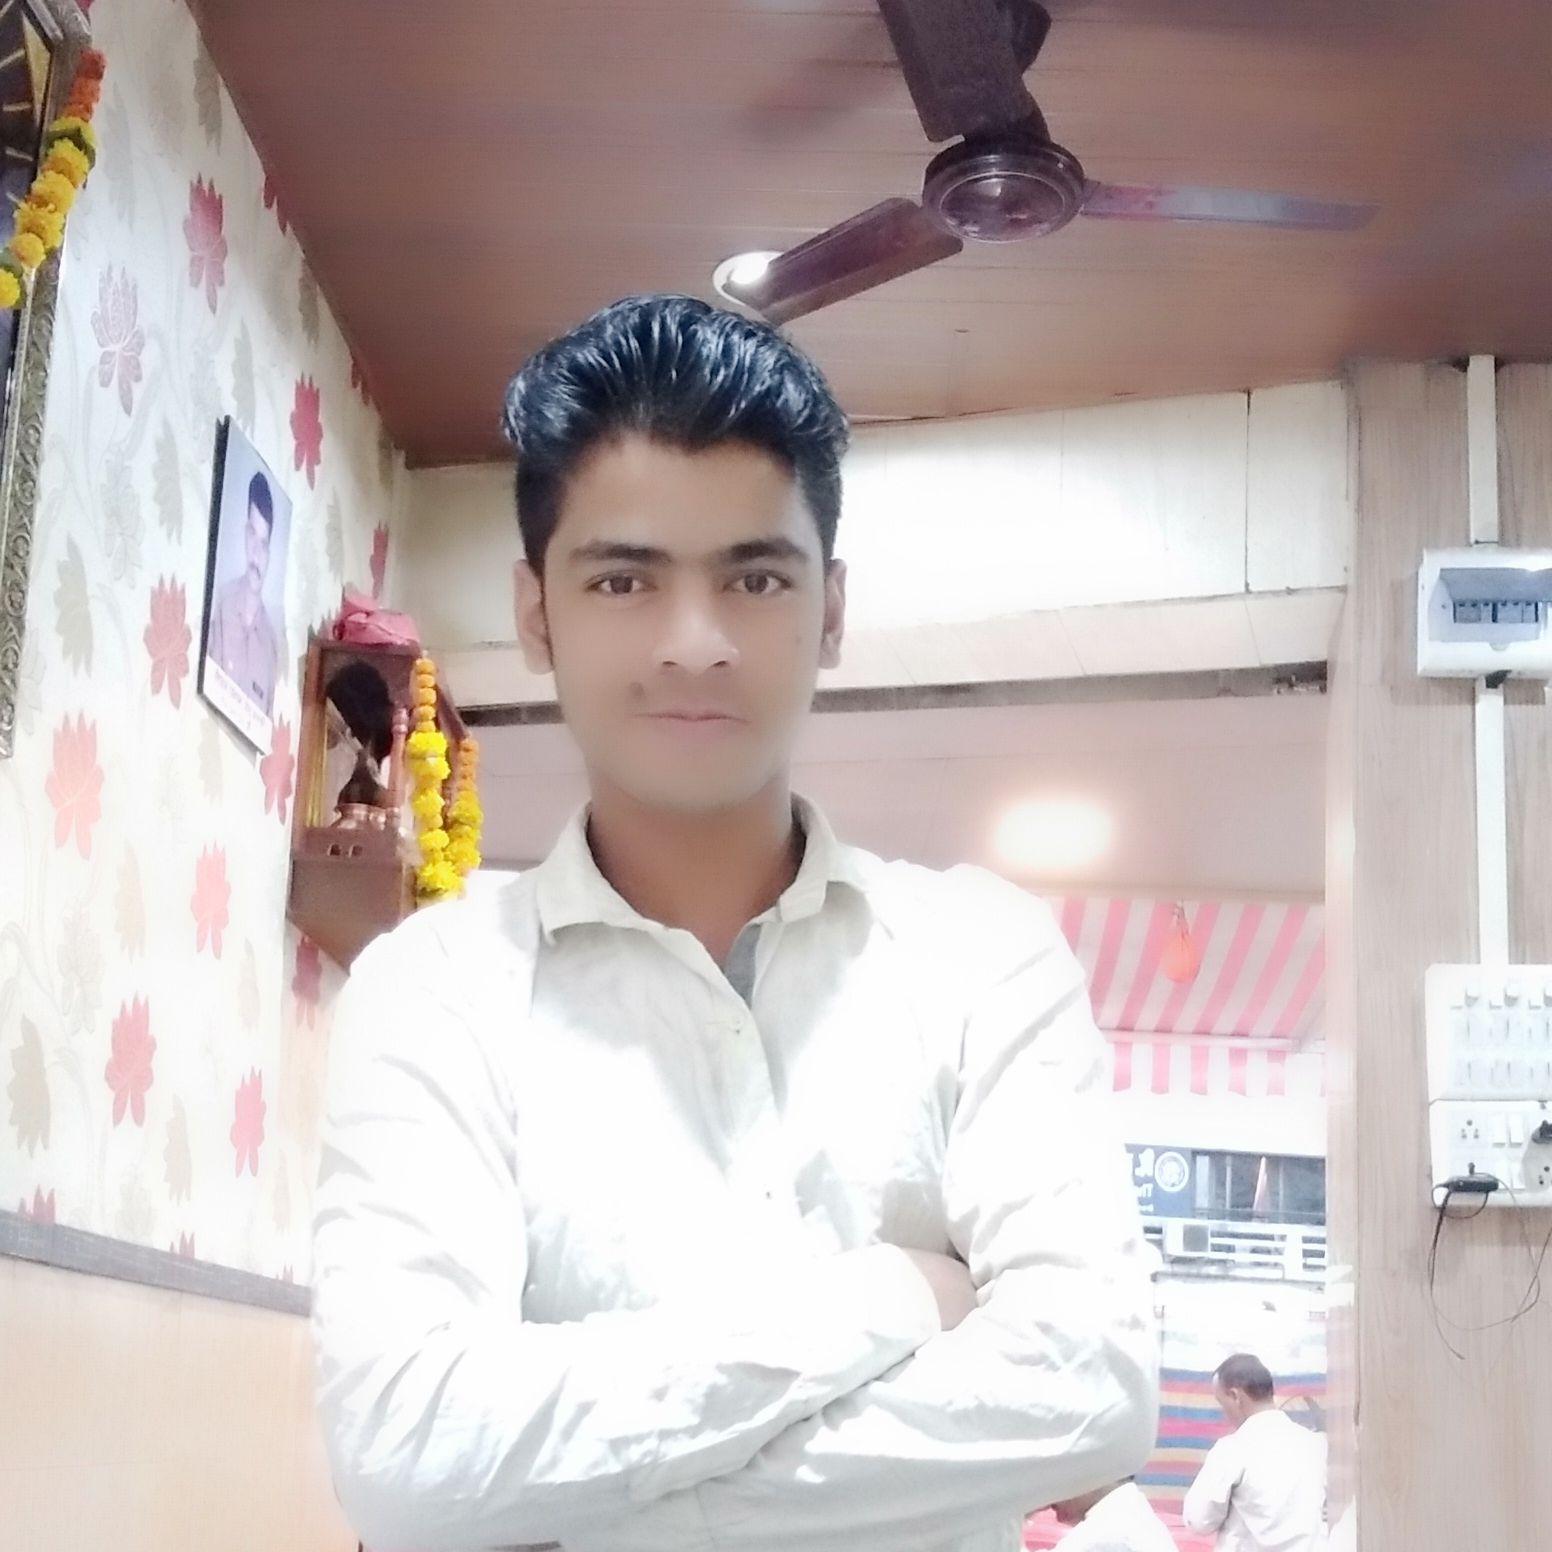 Aabad Ali Siddiqui